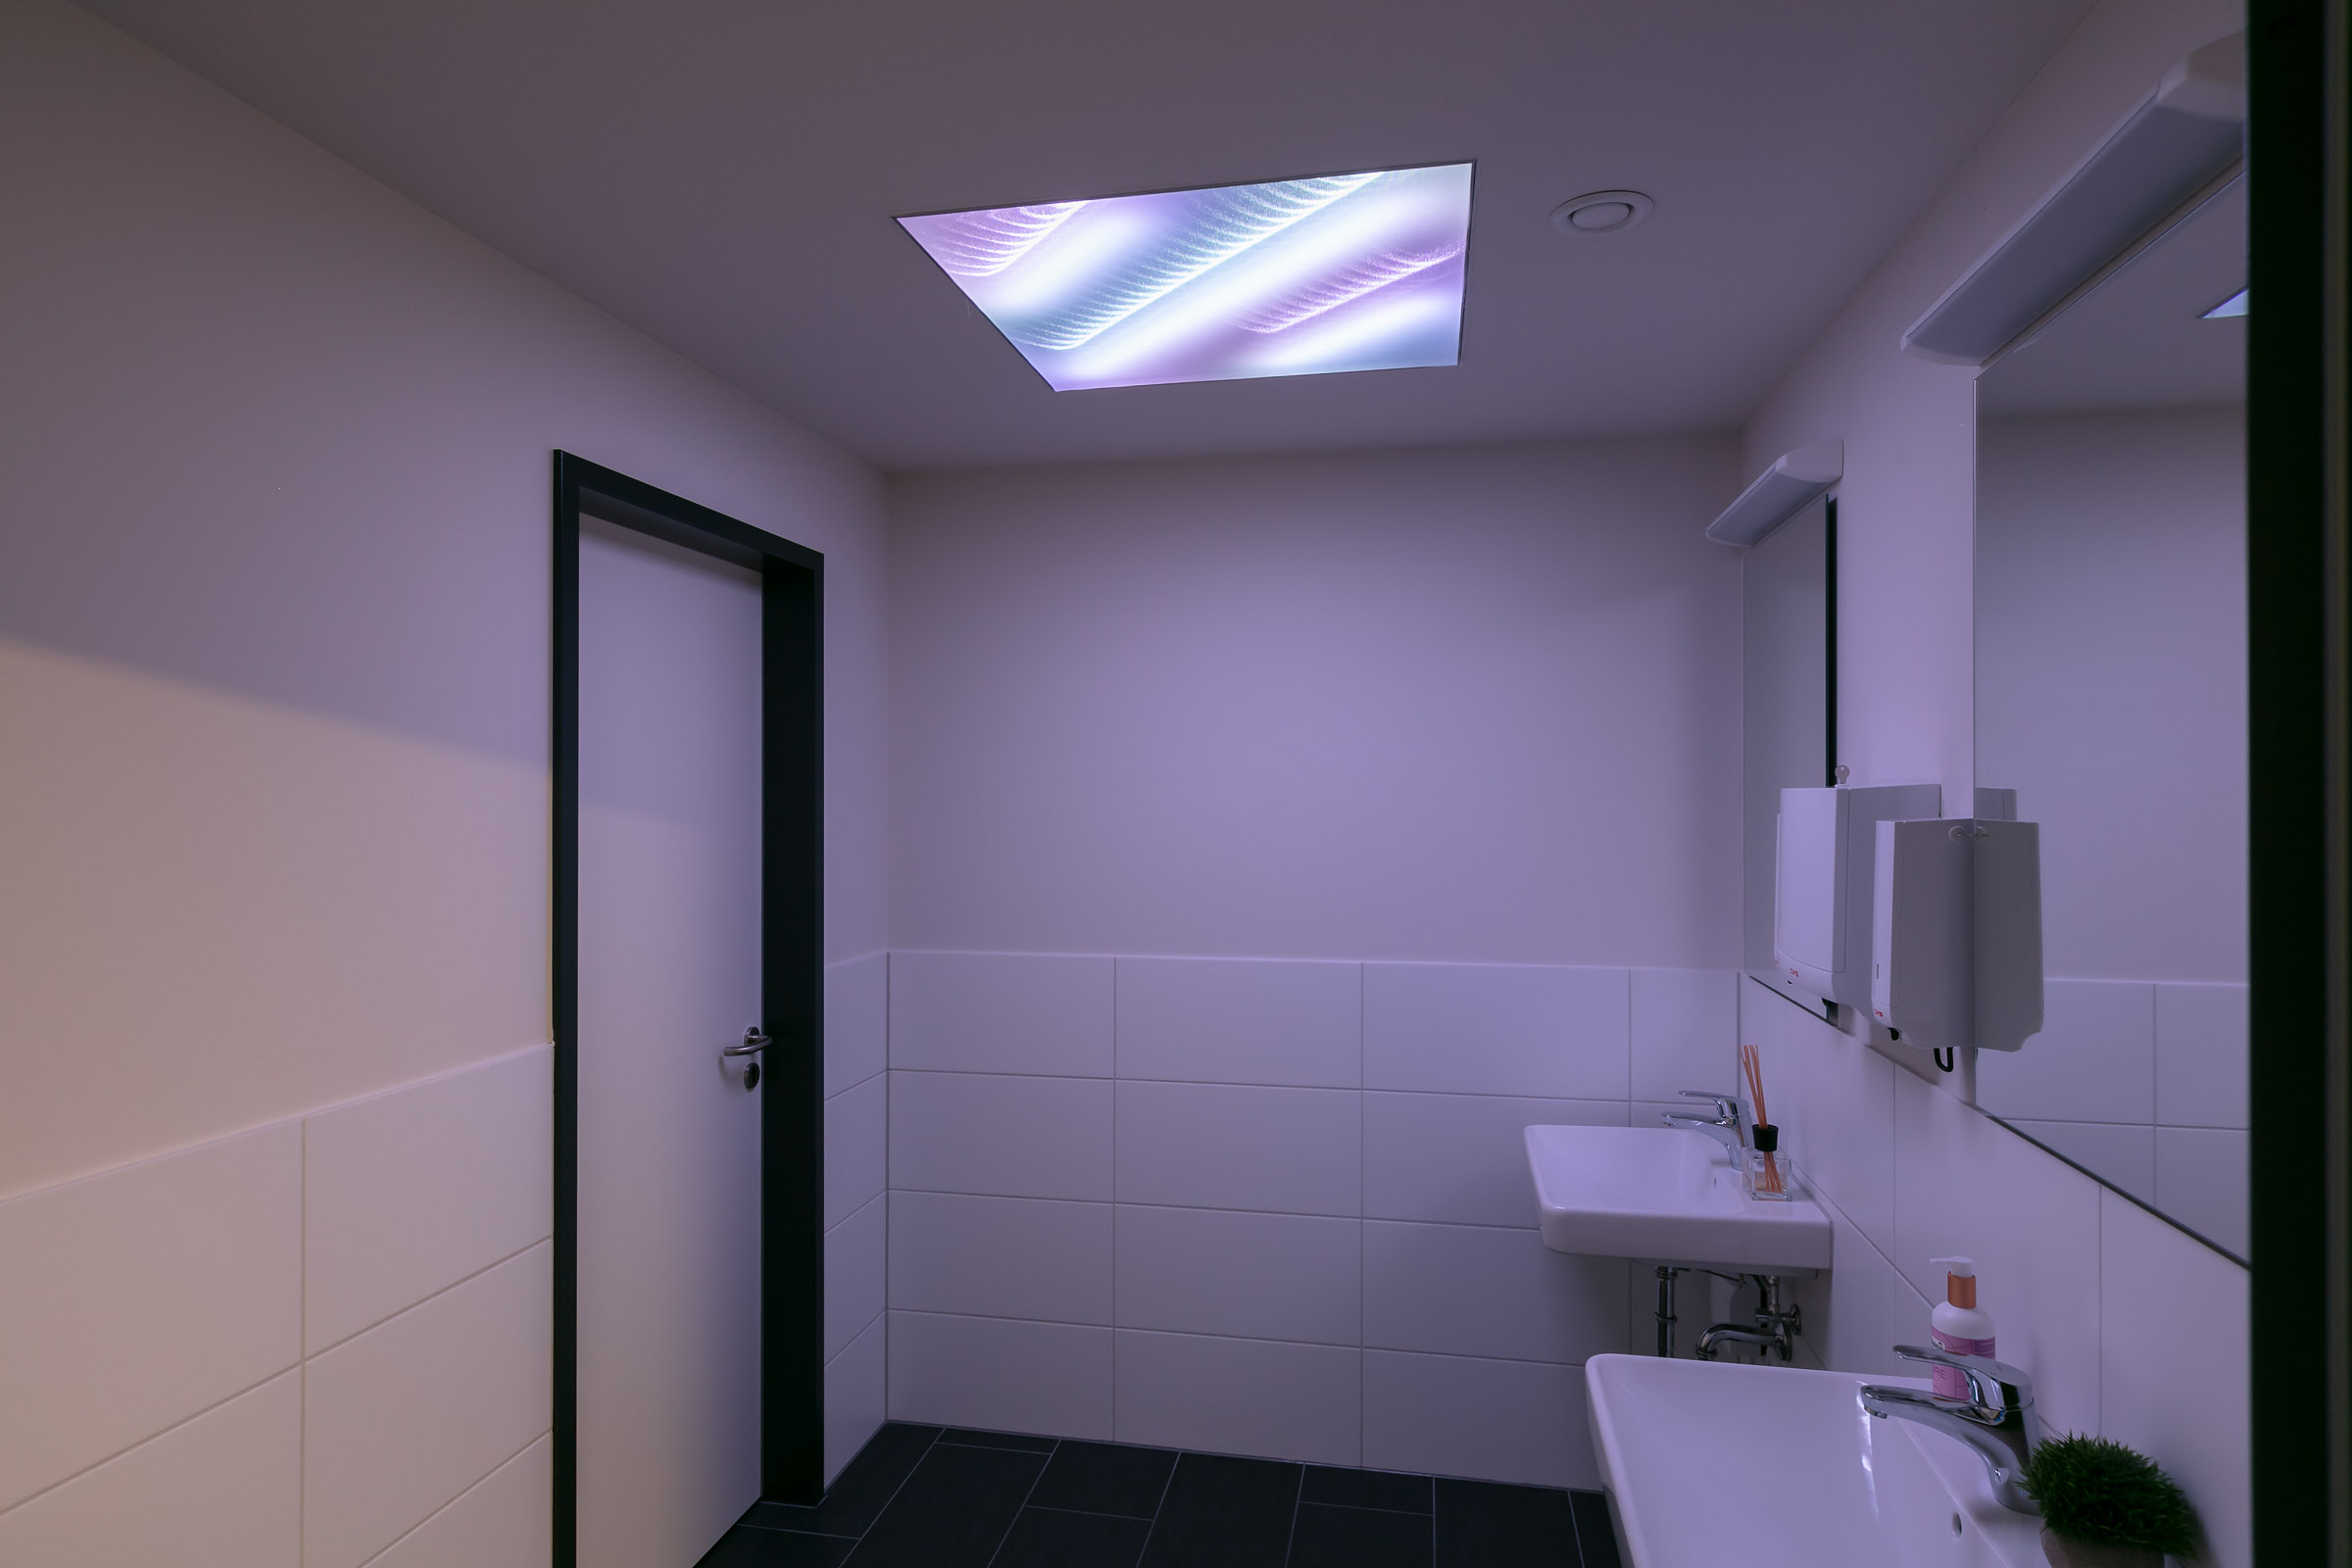 Teilweise textile Lichtdecke in Sanitärbereich weiß leuchtend